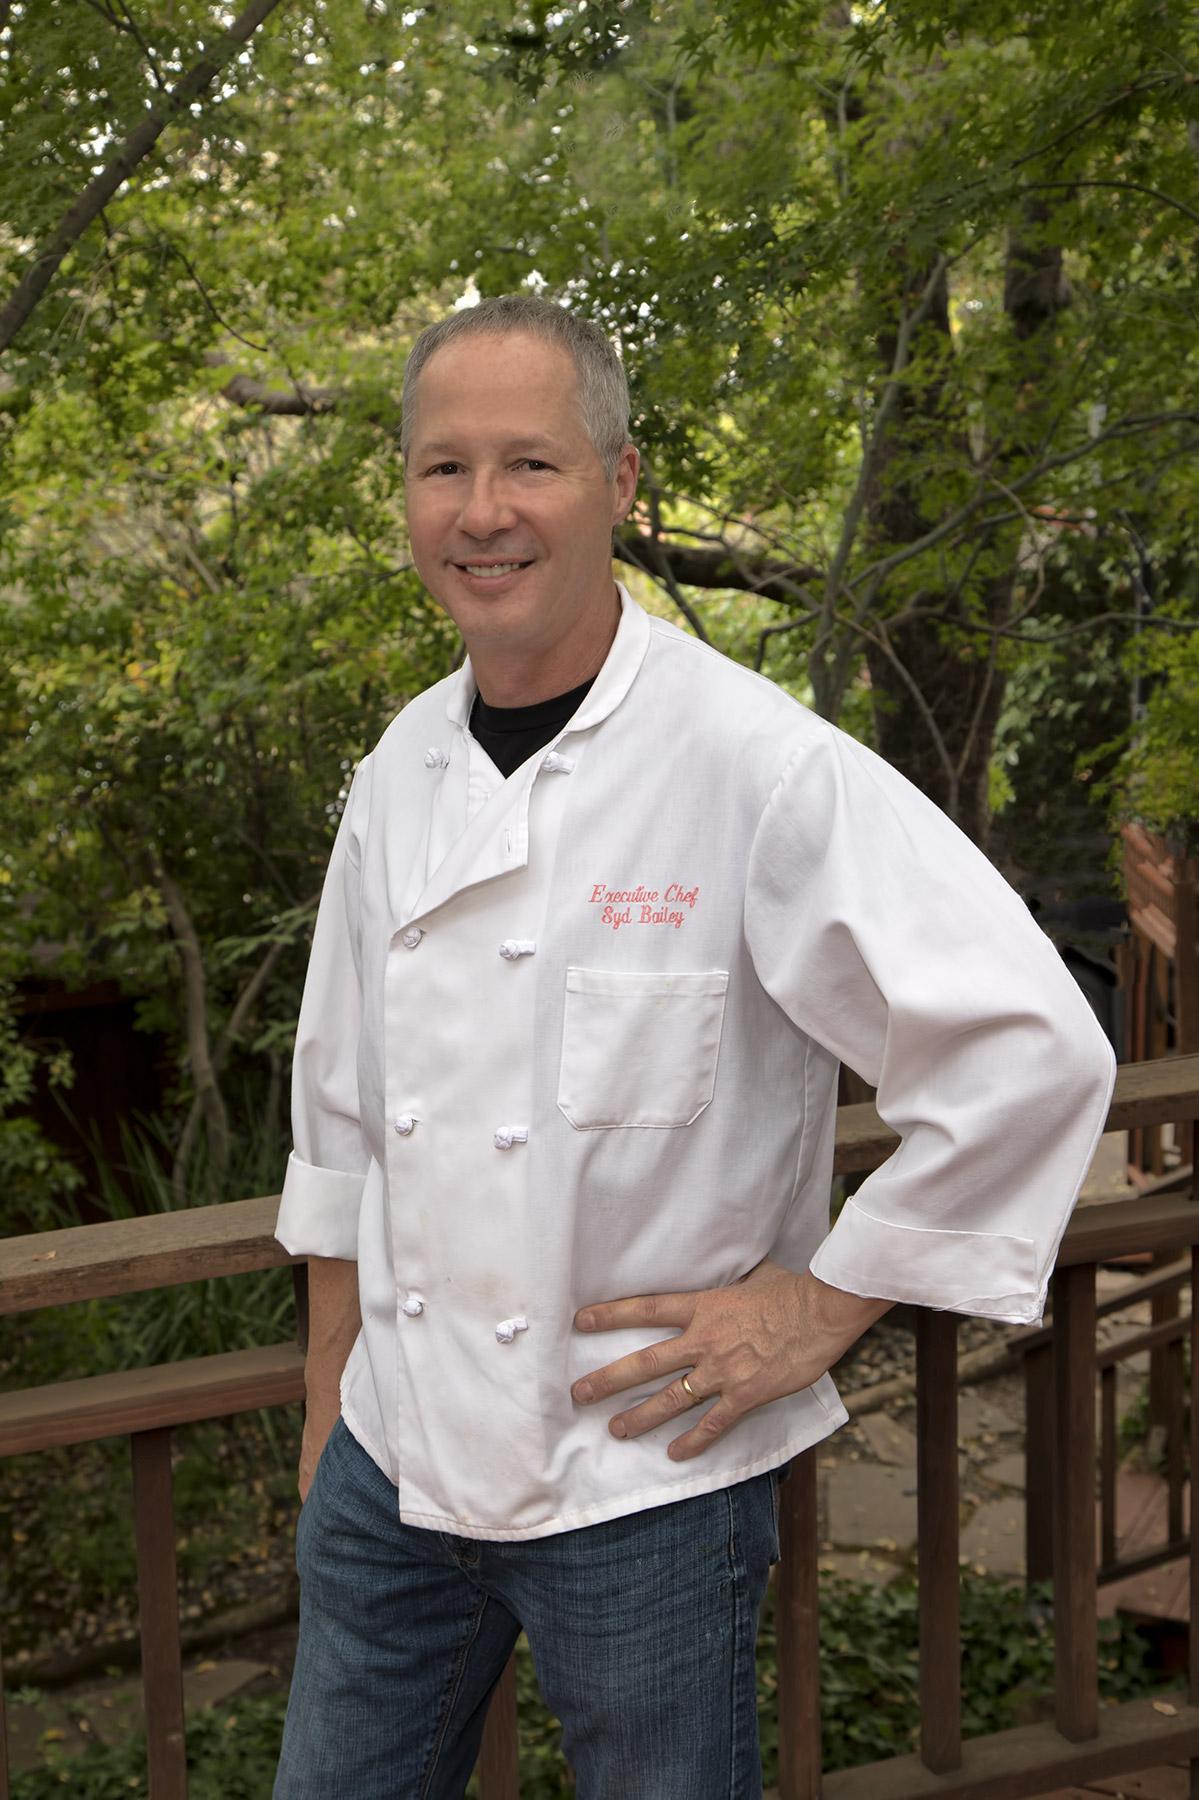 Chef Syd Bailey